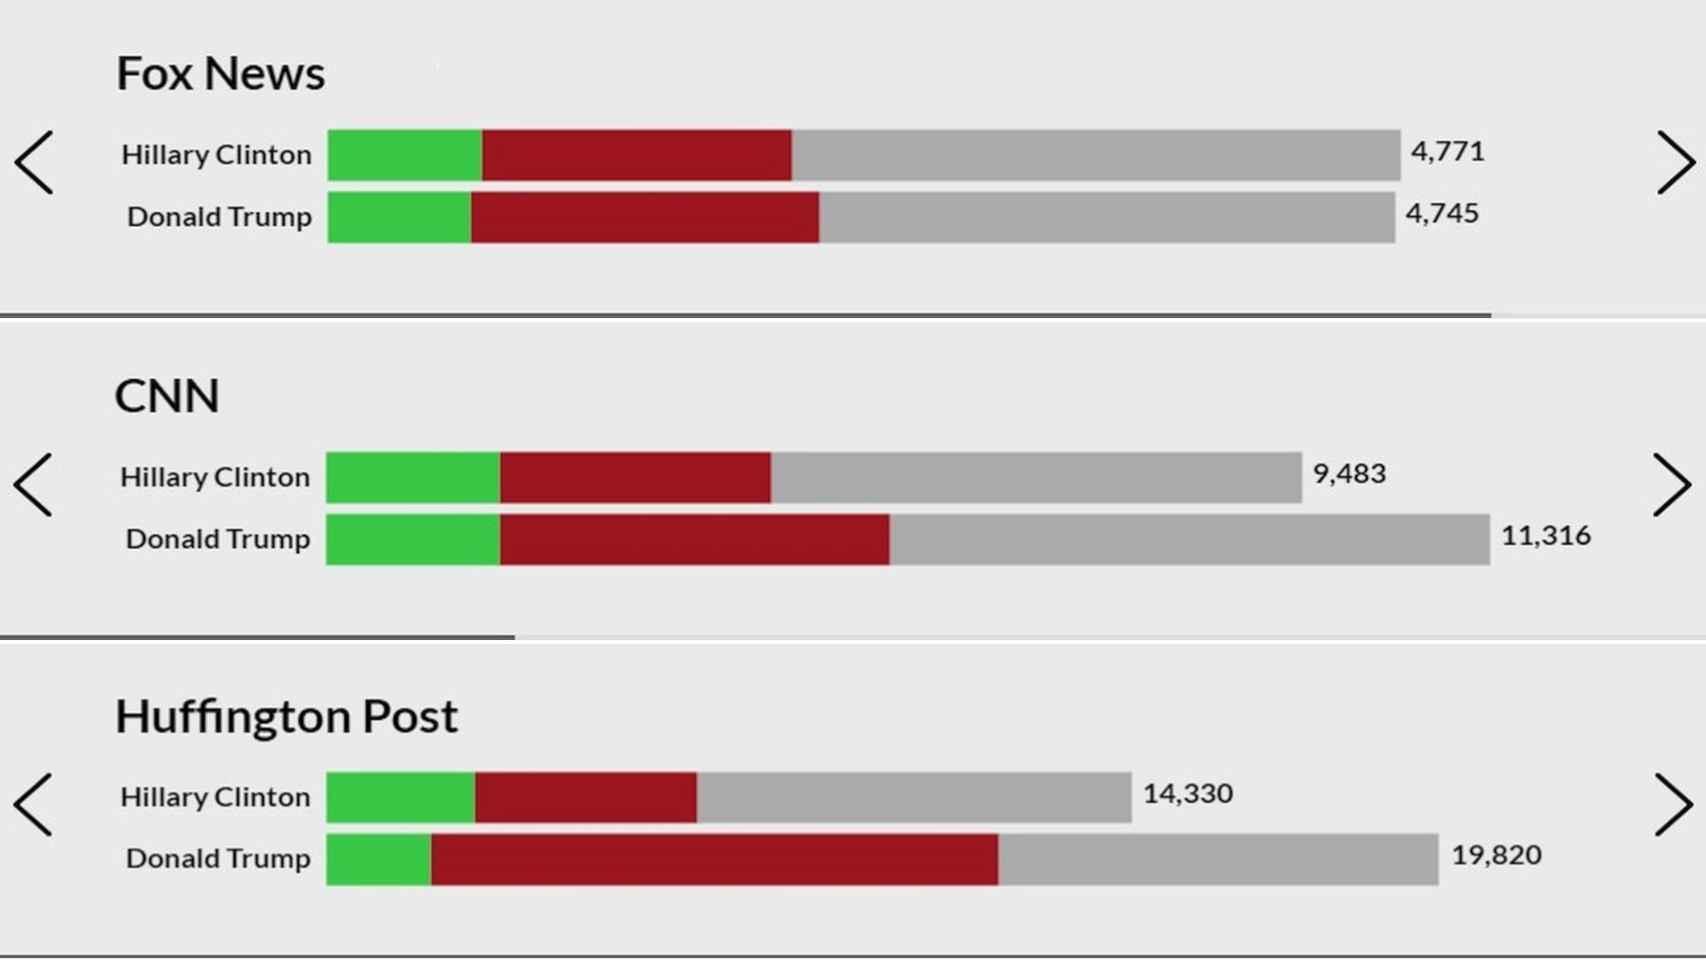 Presencia en medios. Verde = positiva, rojo = negativa, gris = neutral.